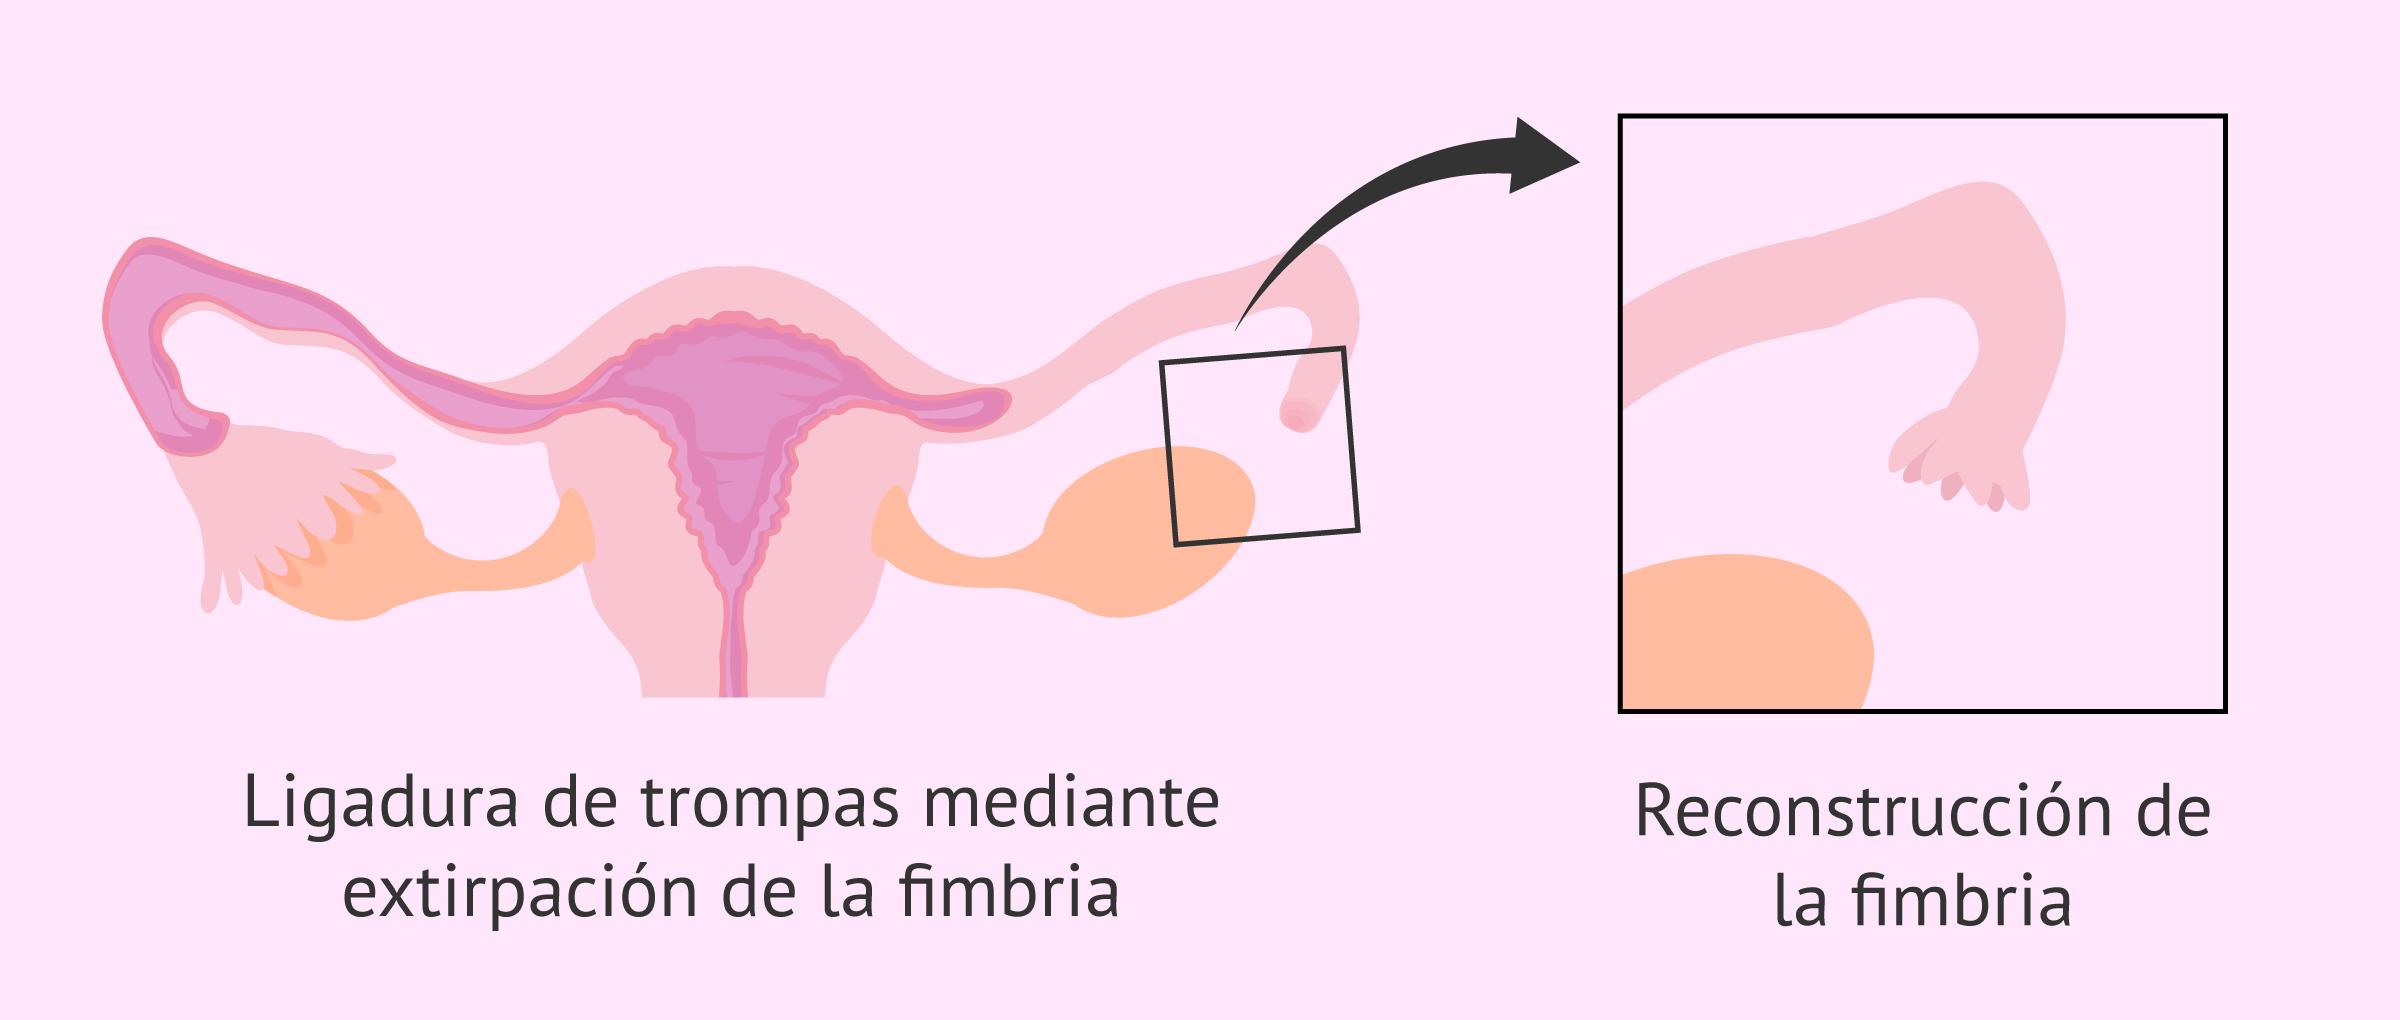 Reversión de la ligadura de trompas por reconstrucción de la fimbria